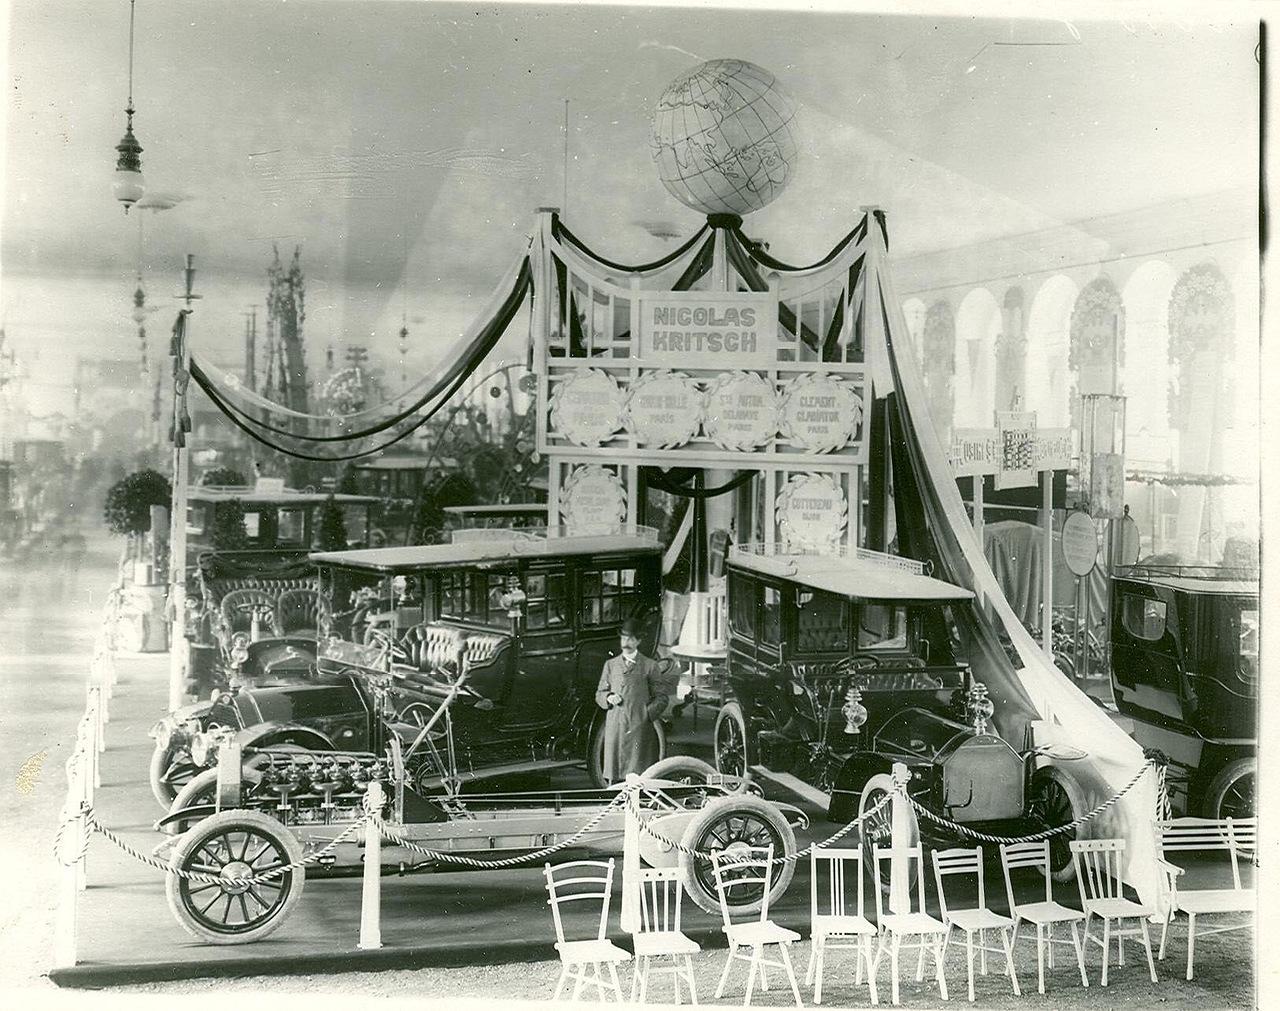 0_a9400_9ebdf338_XXXLПродукция фирмы Н.Крих (сидения для автомашин) - экспонаты выставки.